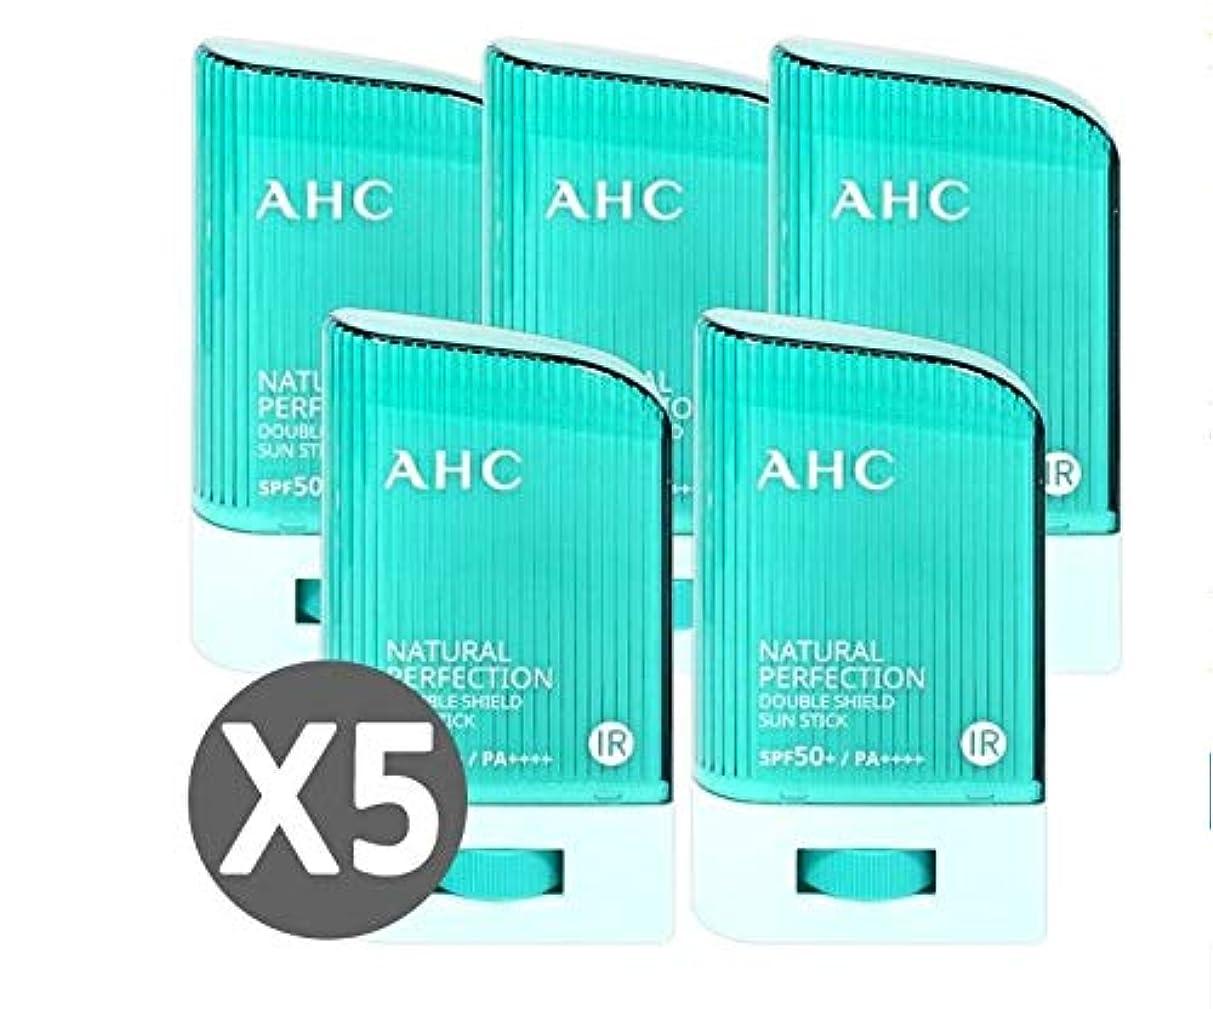 冷凍庫適用する禁止[ 5個セット ] AHC ナチュラルパーフェクションダブルシールドサンスティック 22g, Natural Perfection Double Shield Sun Stick SPF50+ PA++++